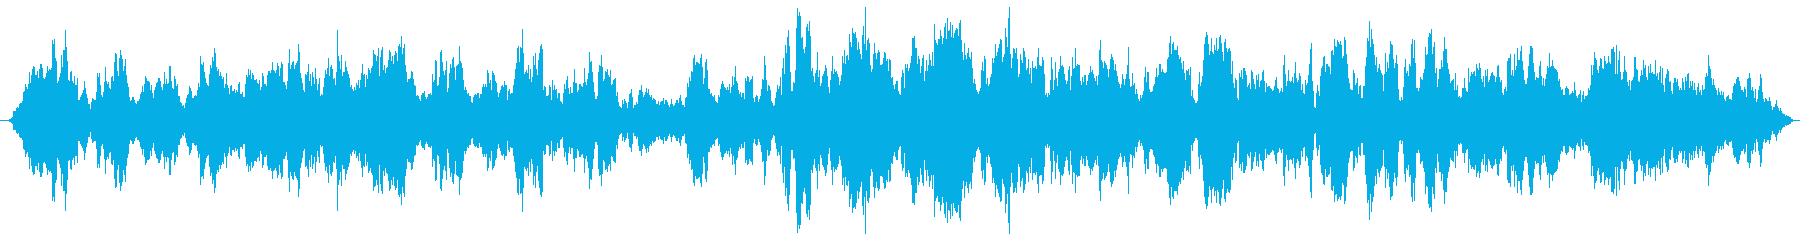 群集 応援ハッピーロング02の再生済みの波形